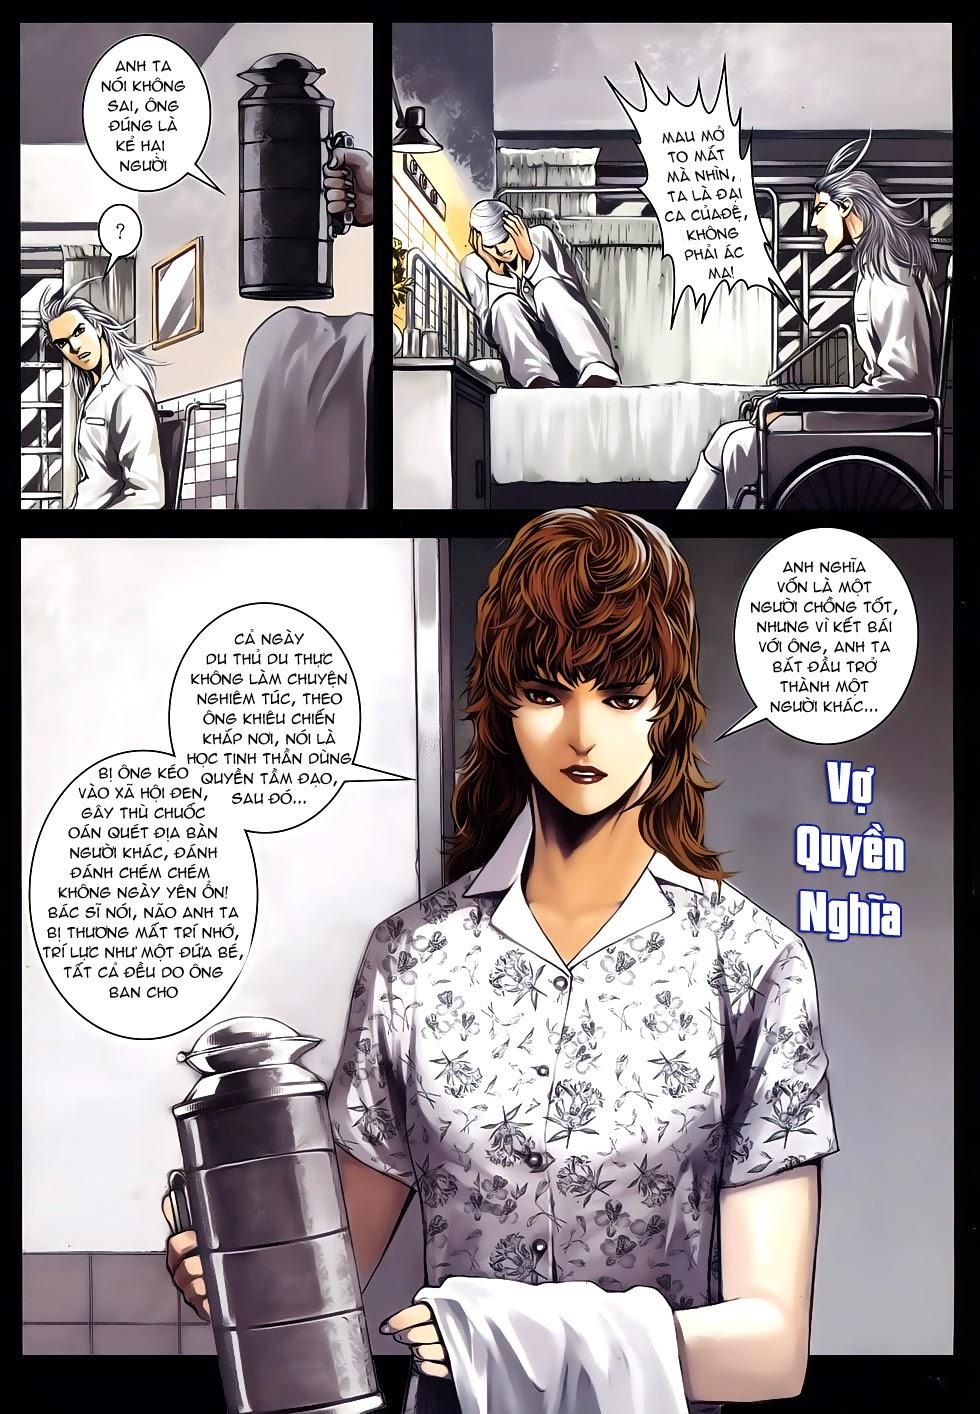 Quyền Đạo chapter 12 - end trang 3